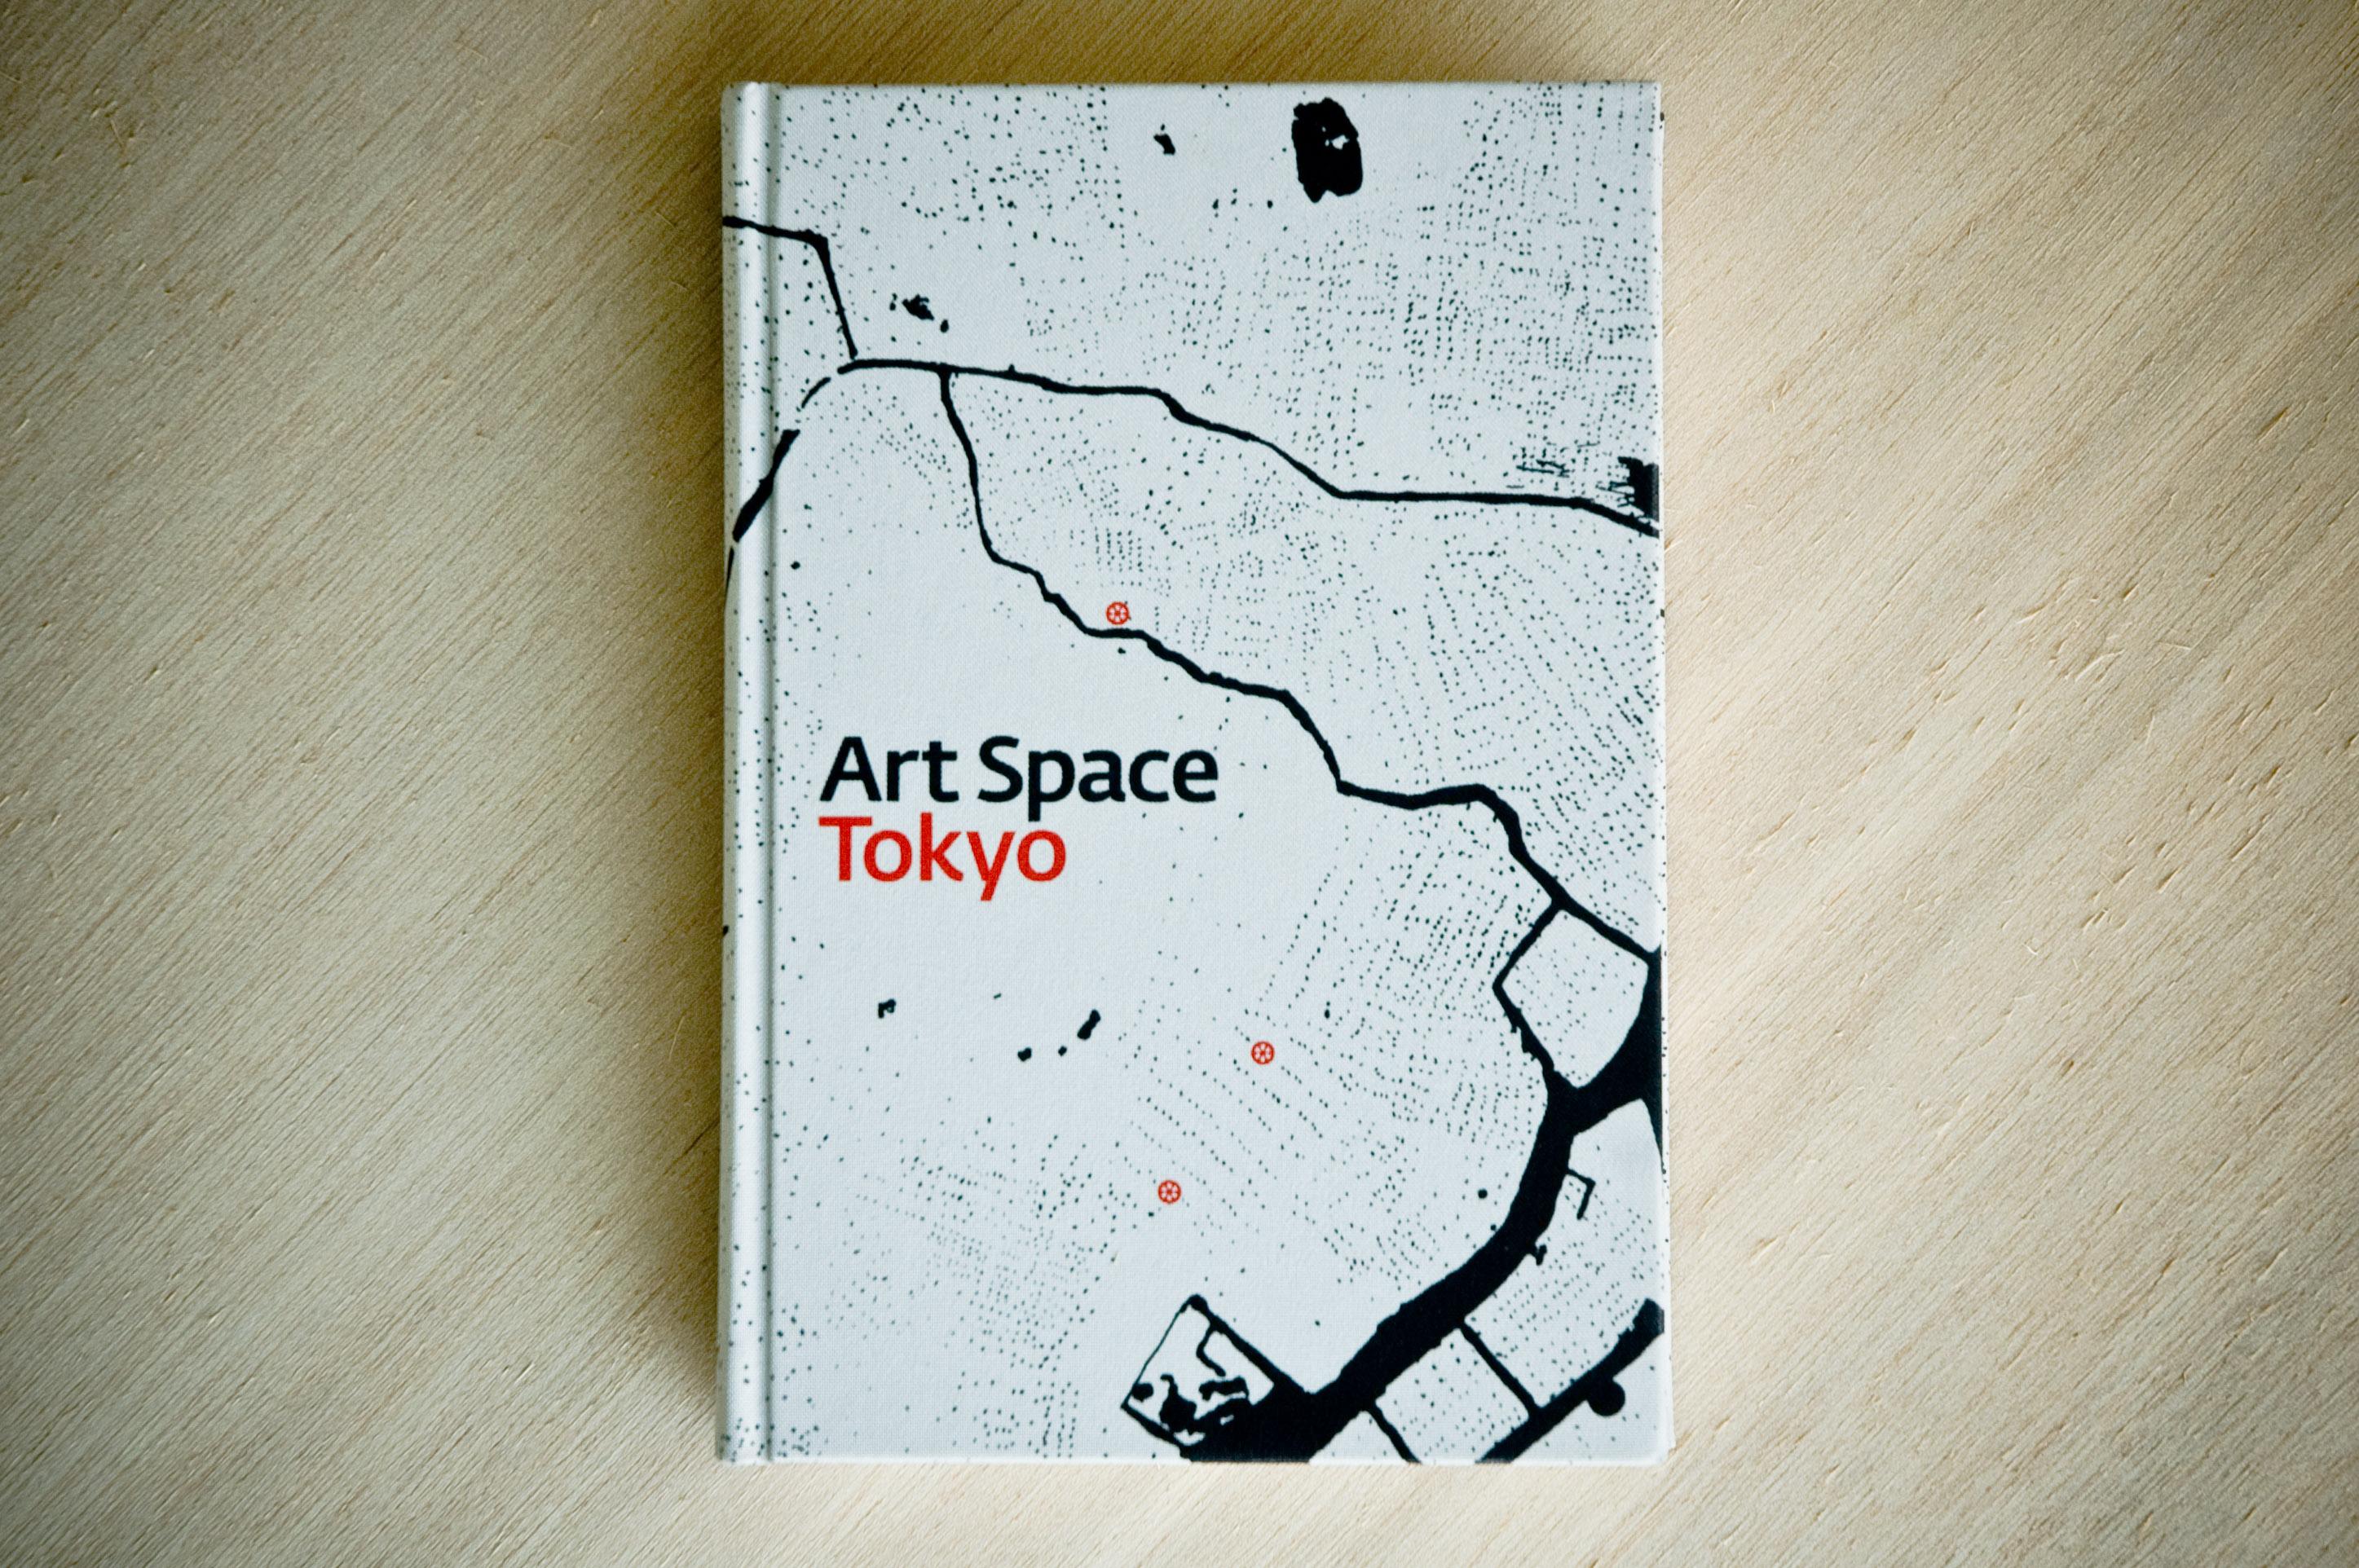 2008年にChin Music Pressより発行され、その後2012年にPRE/POST社より再版された『Art Space Tokyo』